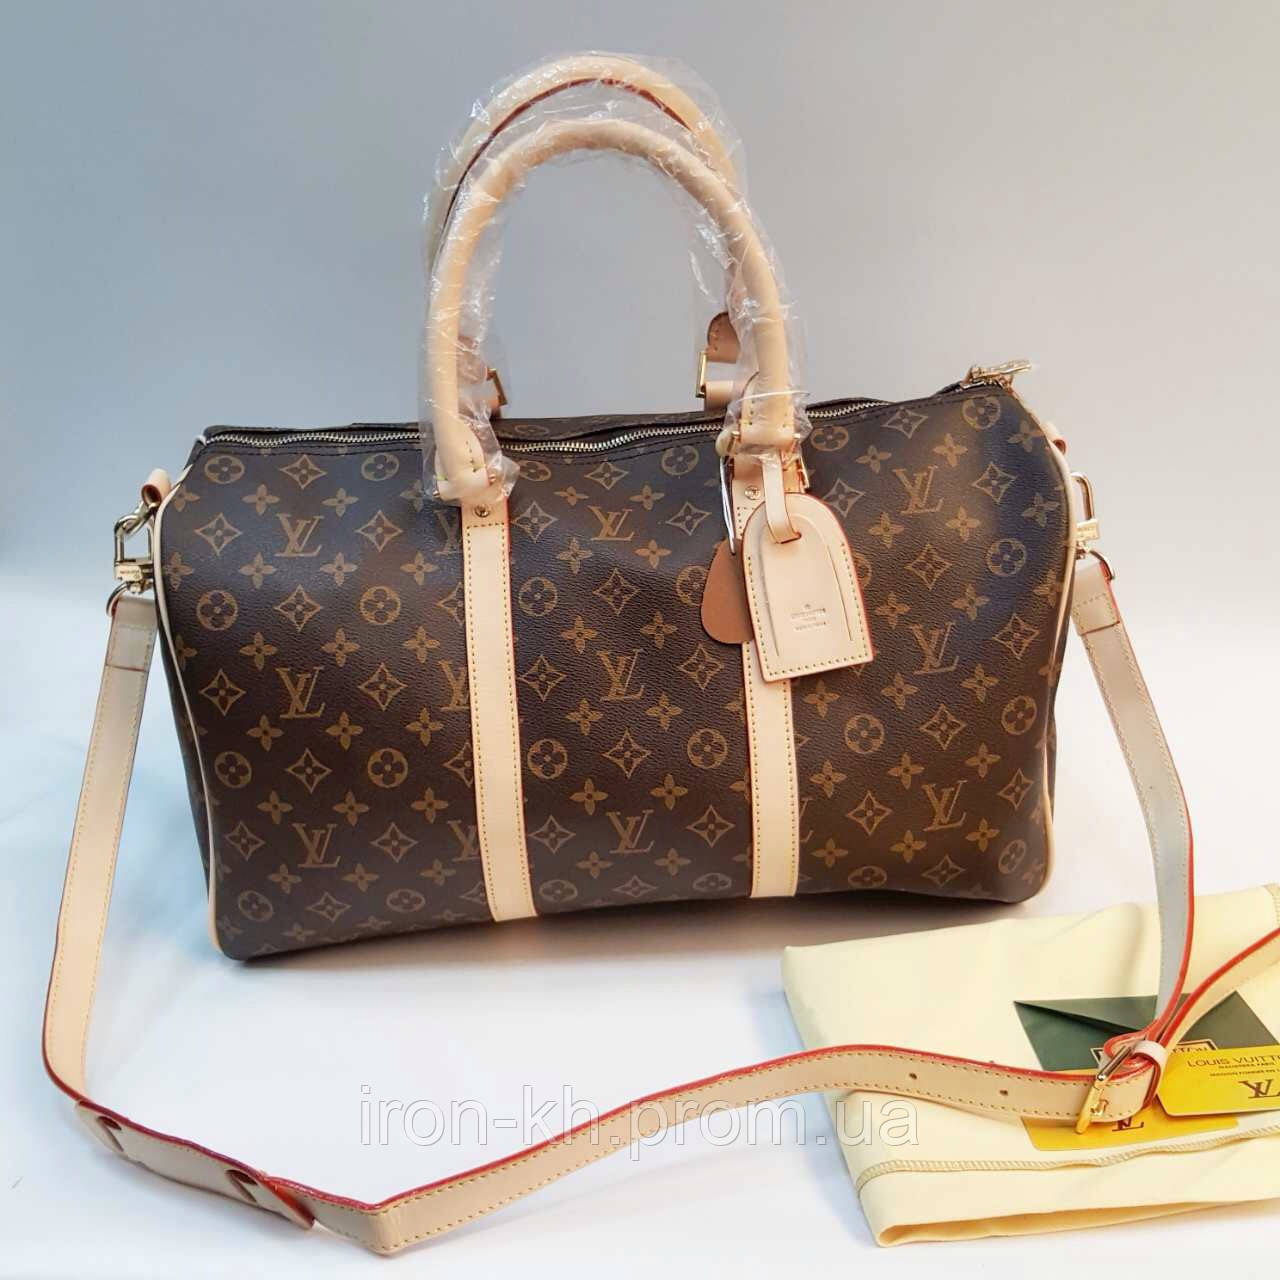 d2ef8d524adf Женская сумка LOUIS VUITTON, цена 2 395 грн., купить в Харькове — Prom.ua  (ID#565281480)